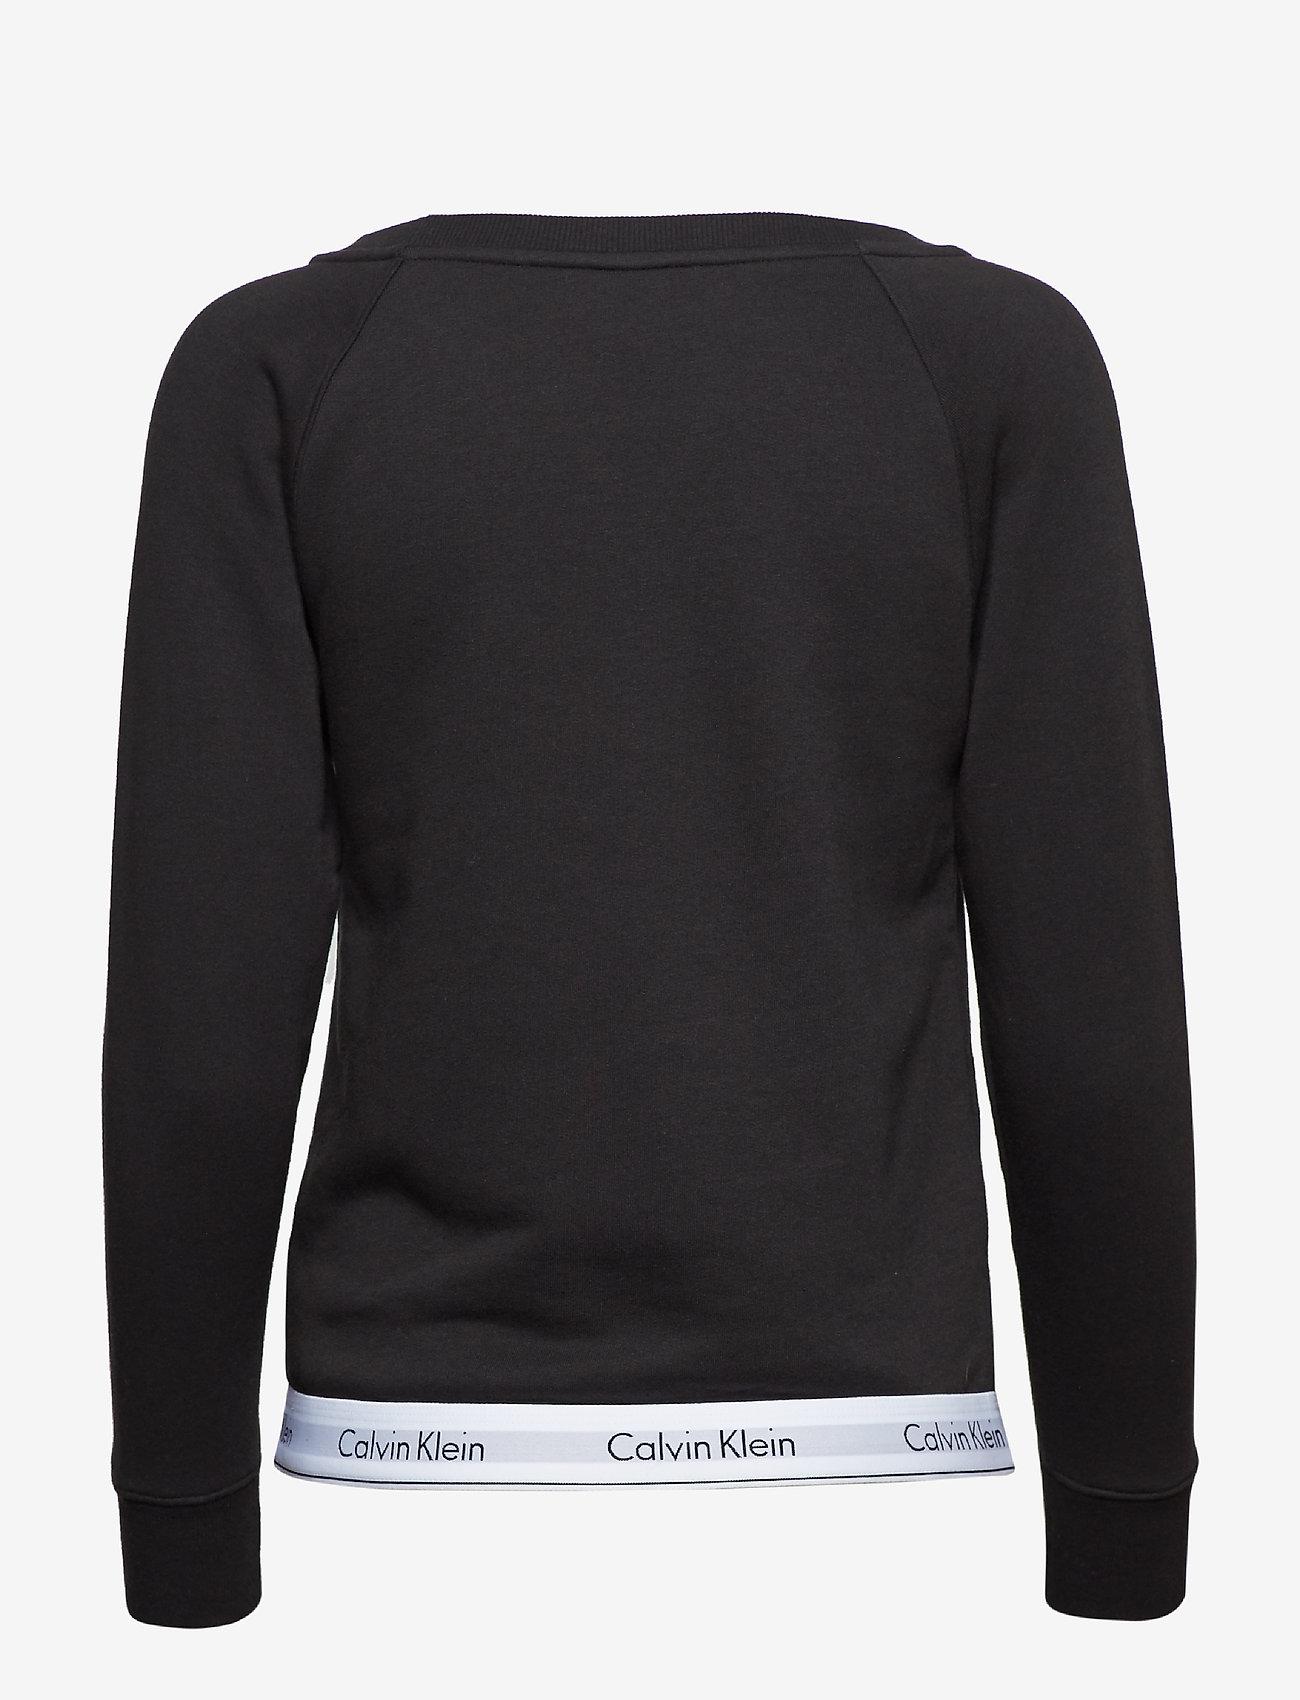 Calvin Klein - TOP SWEATSHIRT LONG SLEEVE - overdeler - black - 1